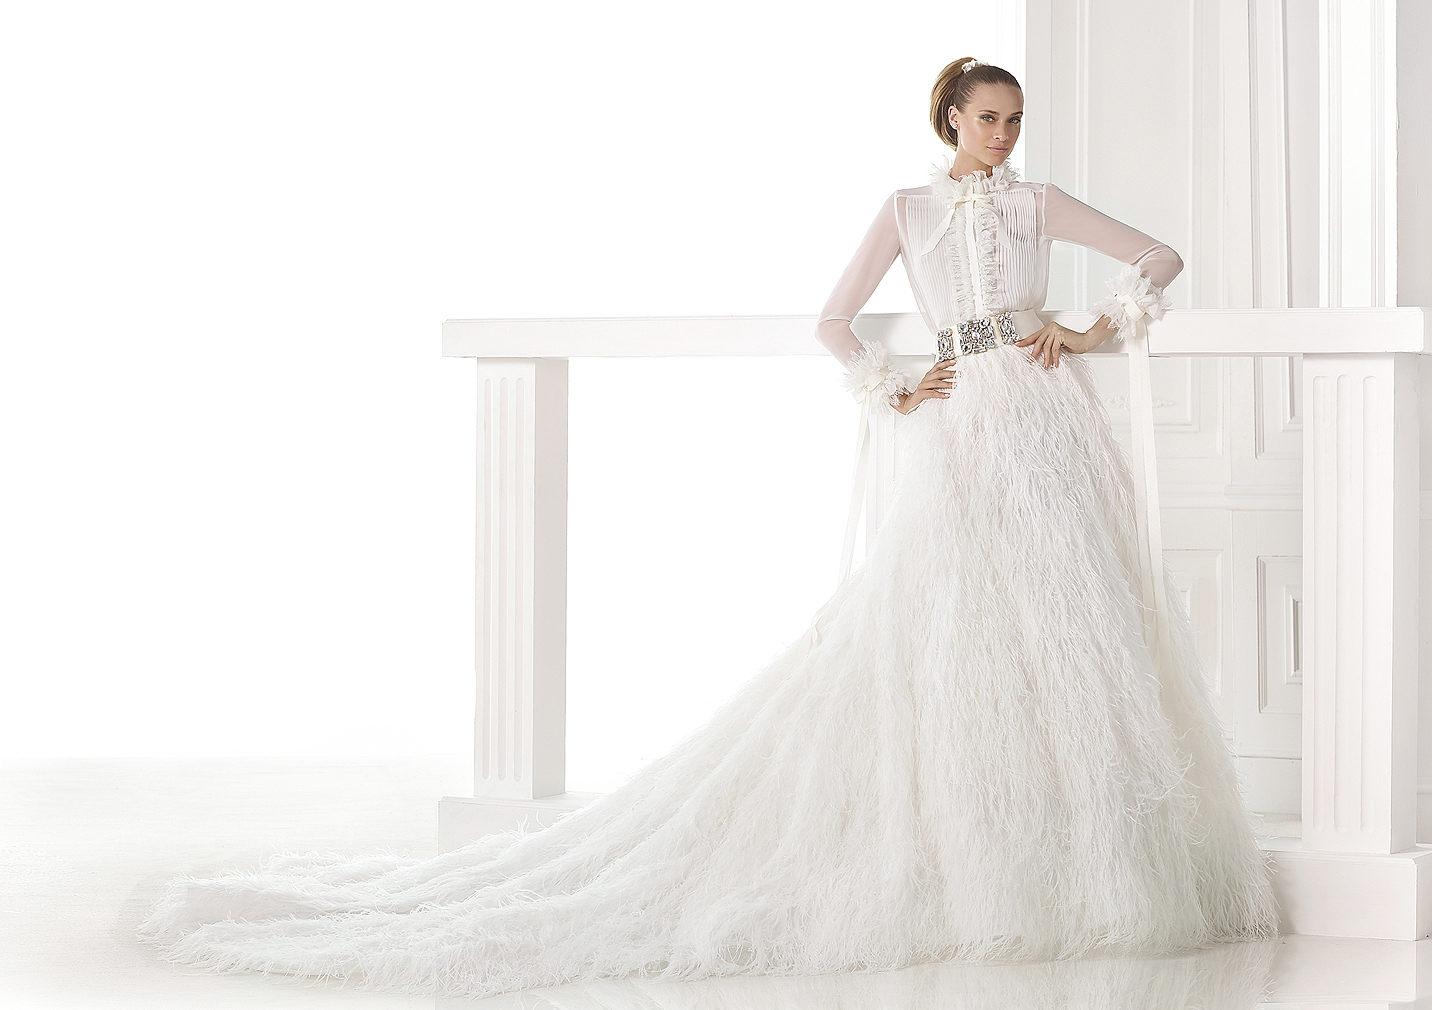 Svadobné šaty Pronovias z kolekcie S / S 2015 a jednoduchý svadobný účes s copom.